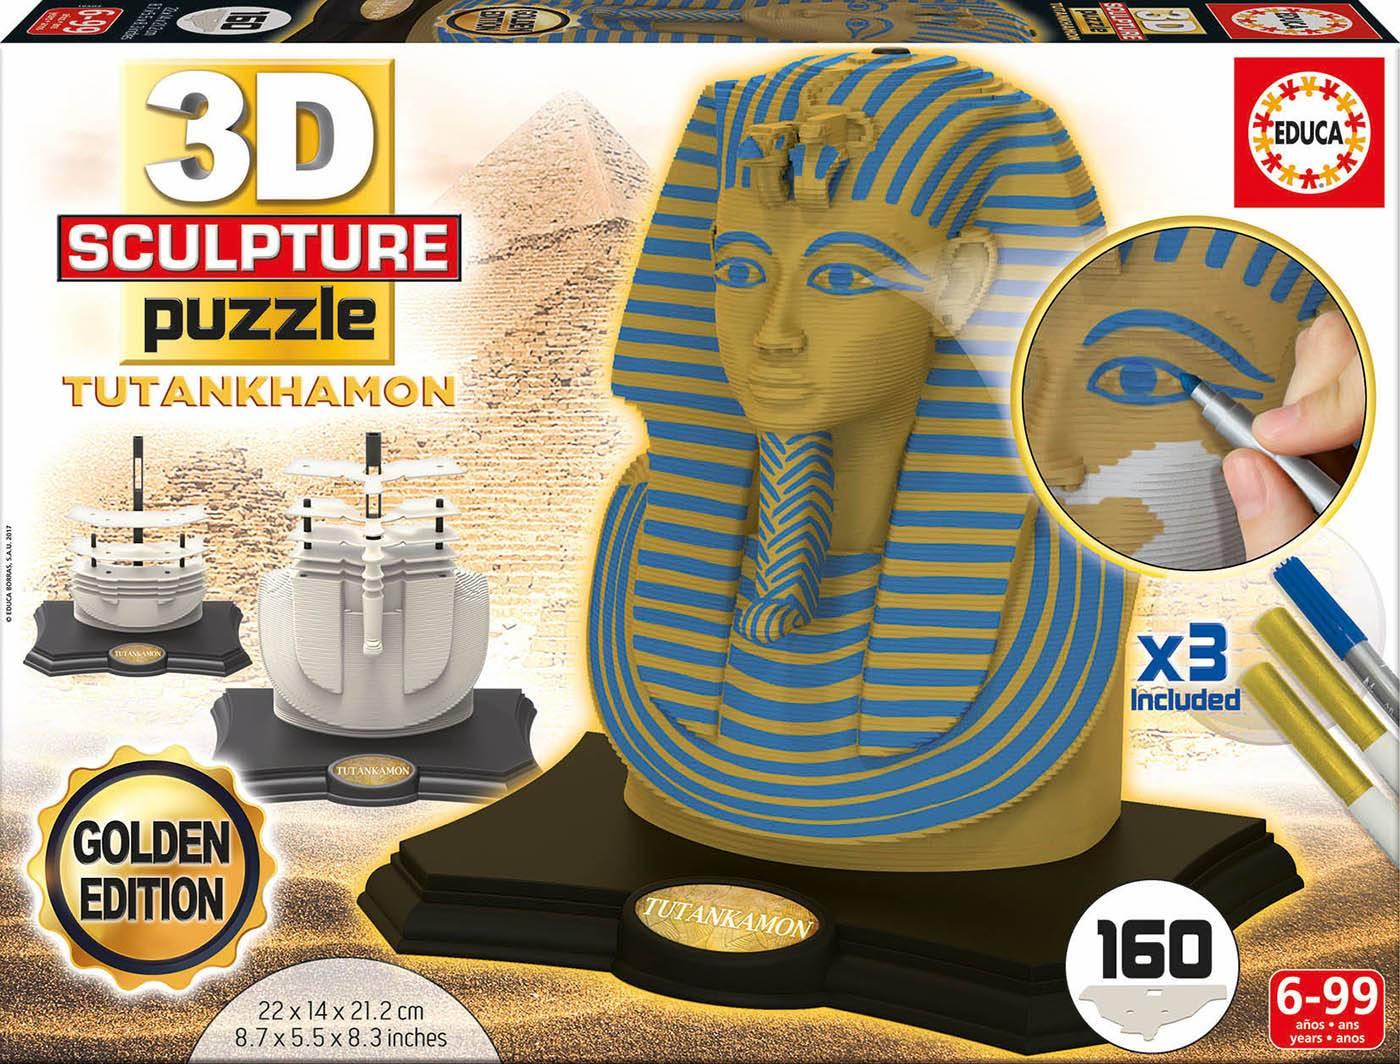 3d sculpture puzzle - 3d sculpture puzzle toutankhamon - gold edition